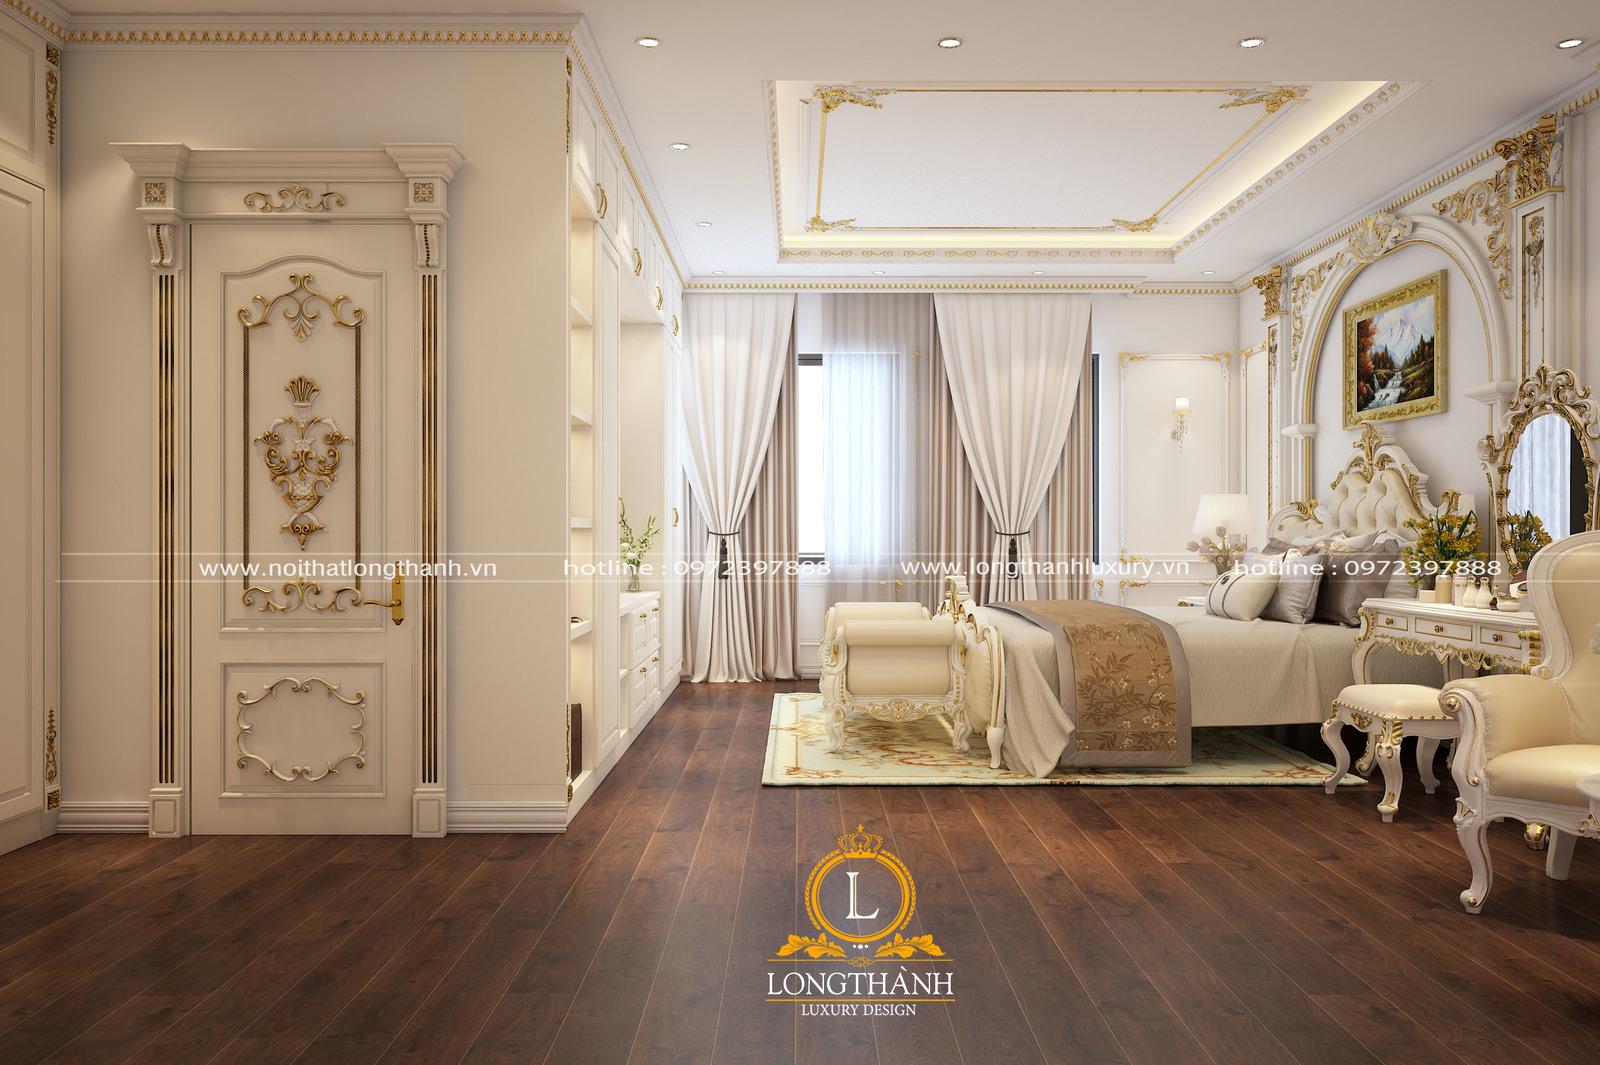 Mẫu cửa gỗ Gõ đỏ sơn trắng dát vàng cho phòng ngủ